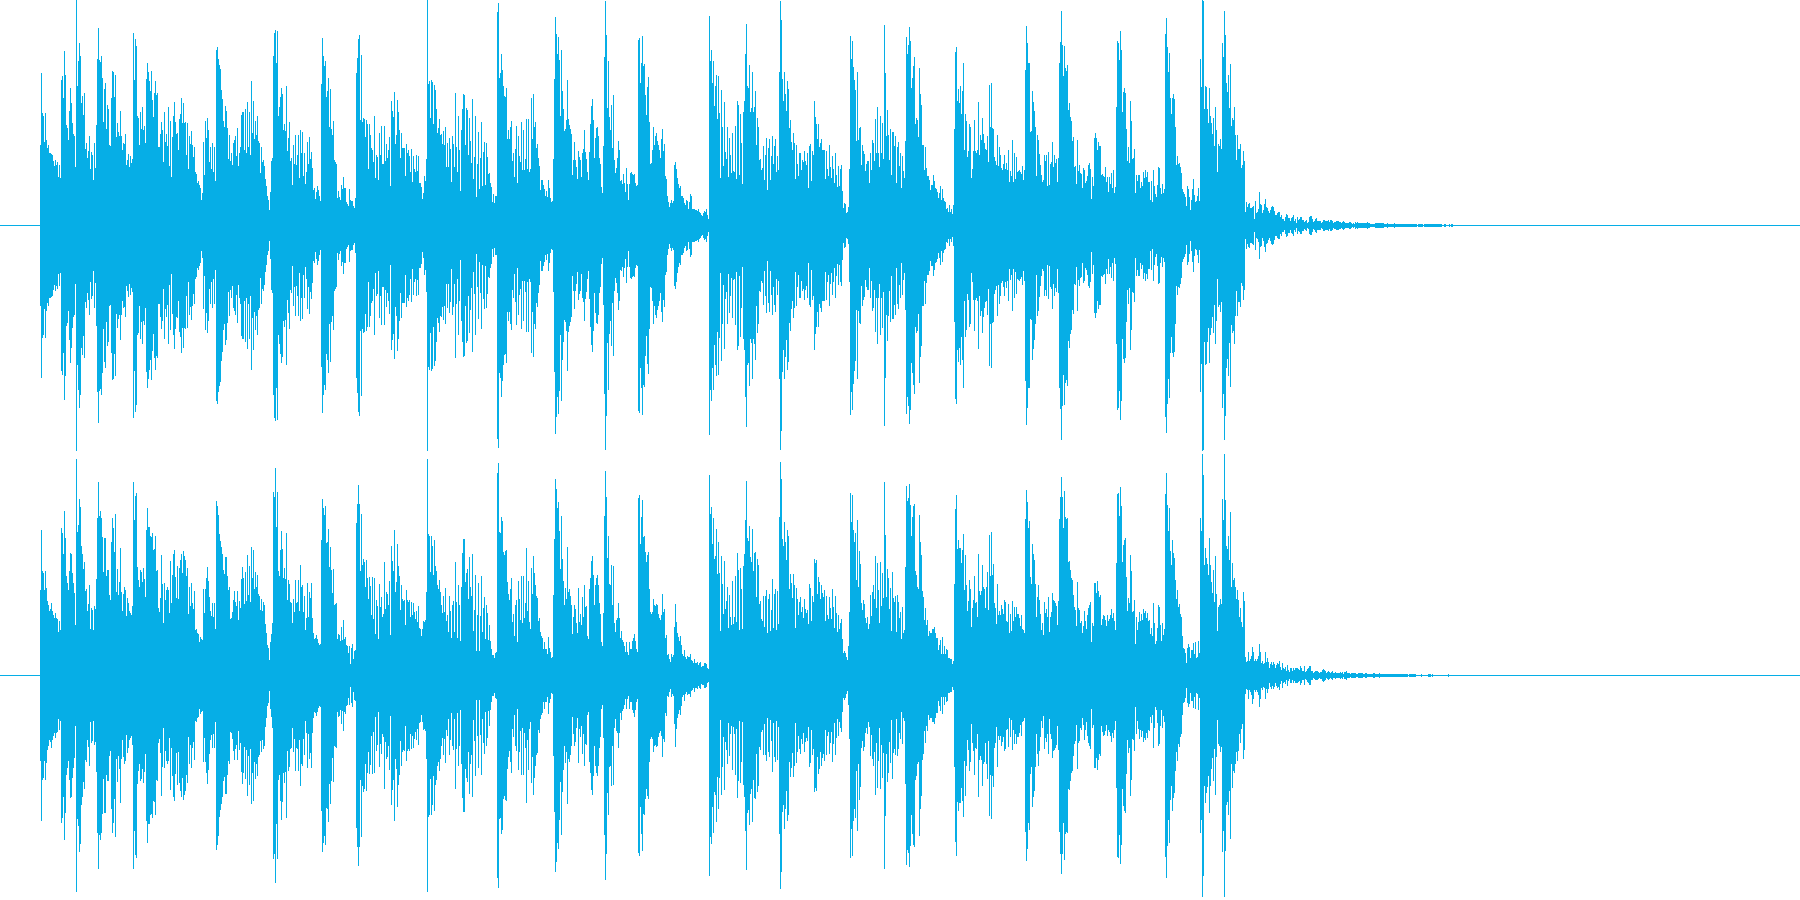 アコースティック調のさわやかポップスの再生済みの波形